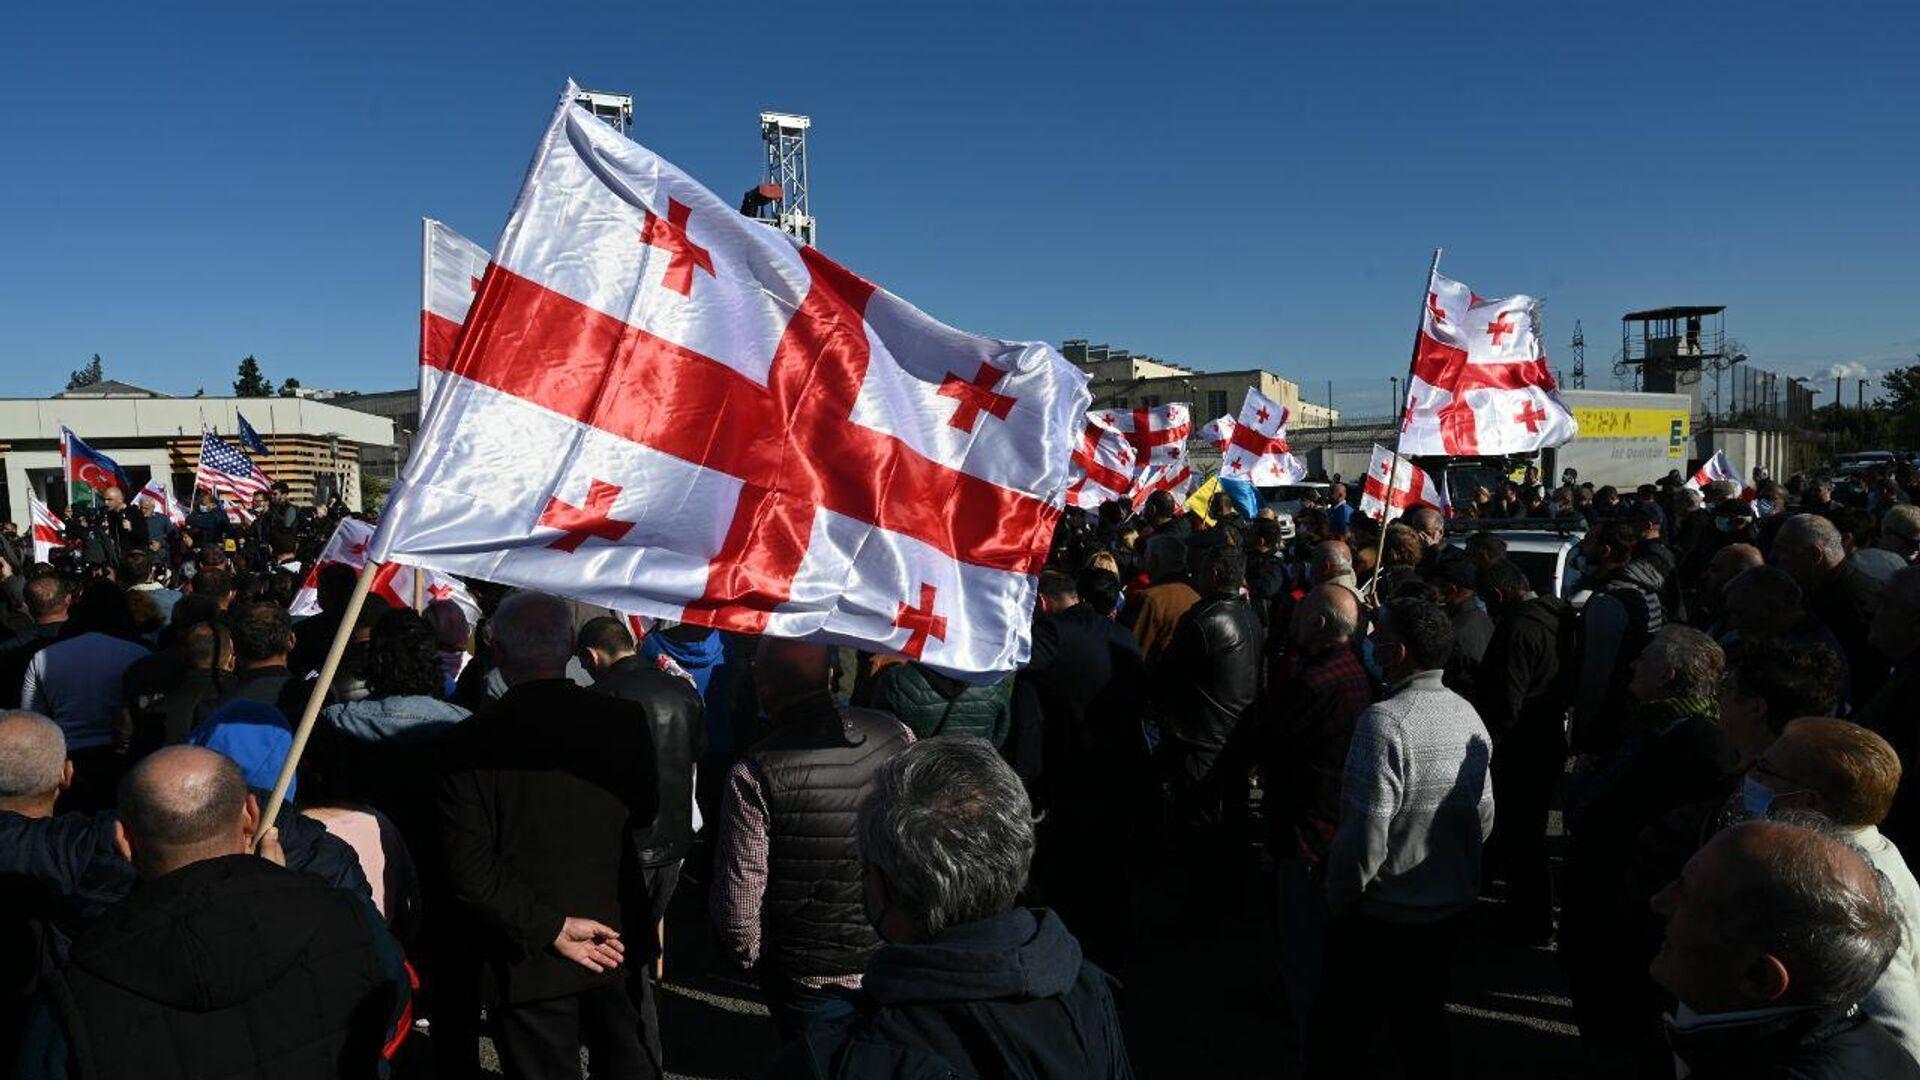 Акция протеста сторонников Саакашвили у Руставской тюрьмы 4 октября 2021 года - Sputnik Грузия, 1920, 13.10.2021